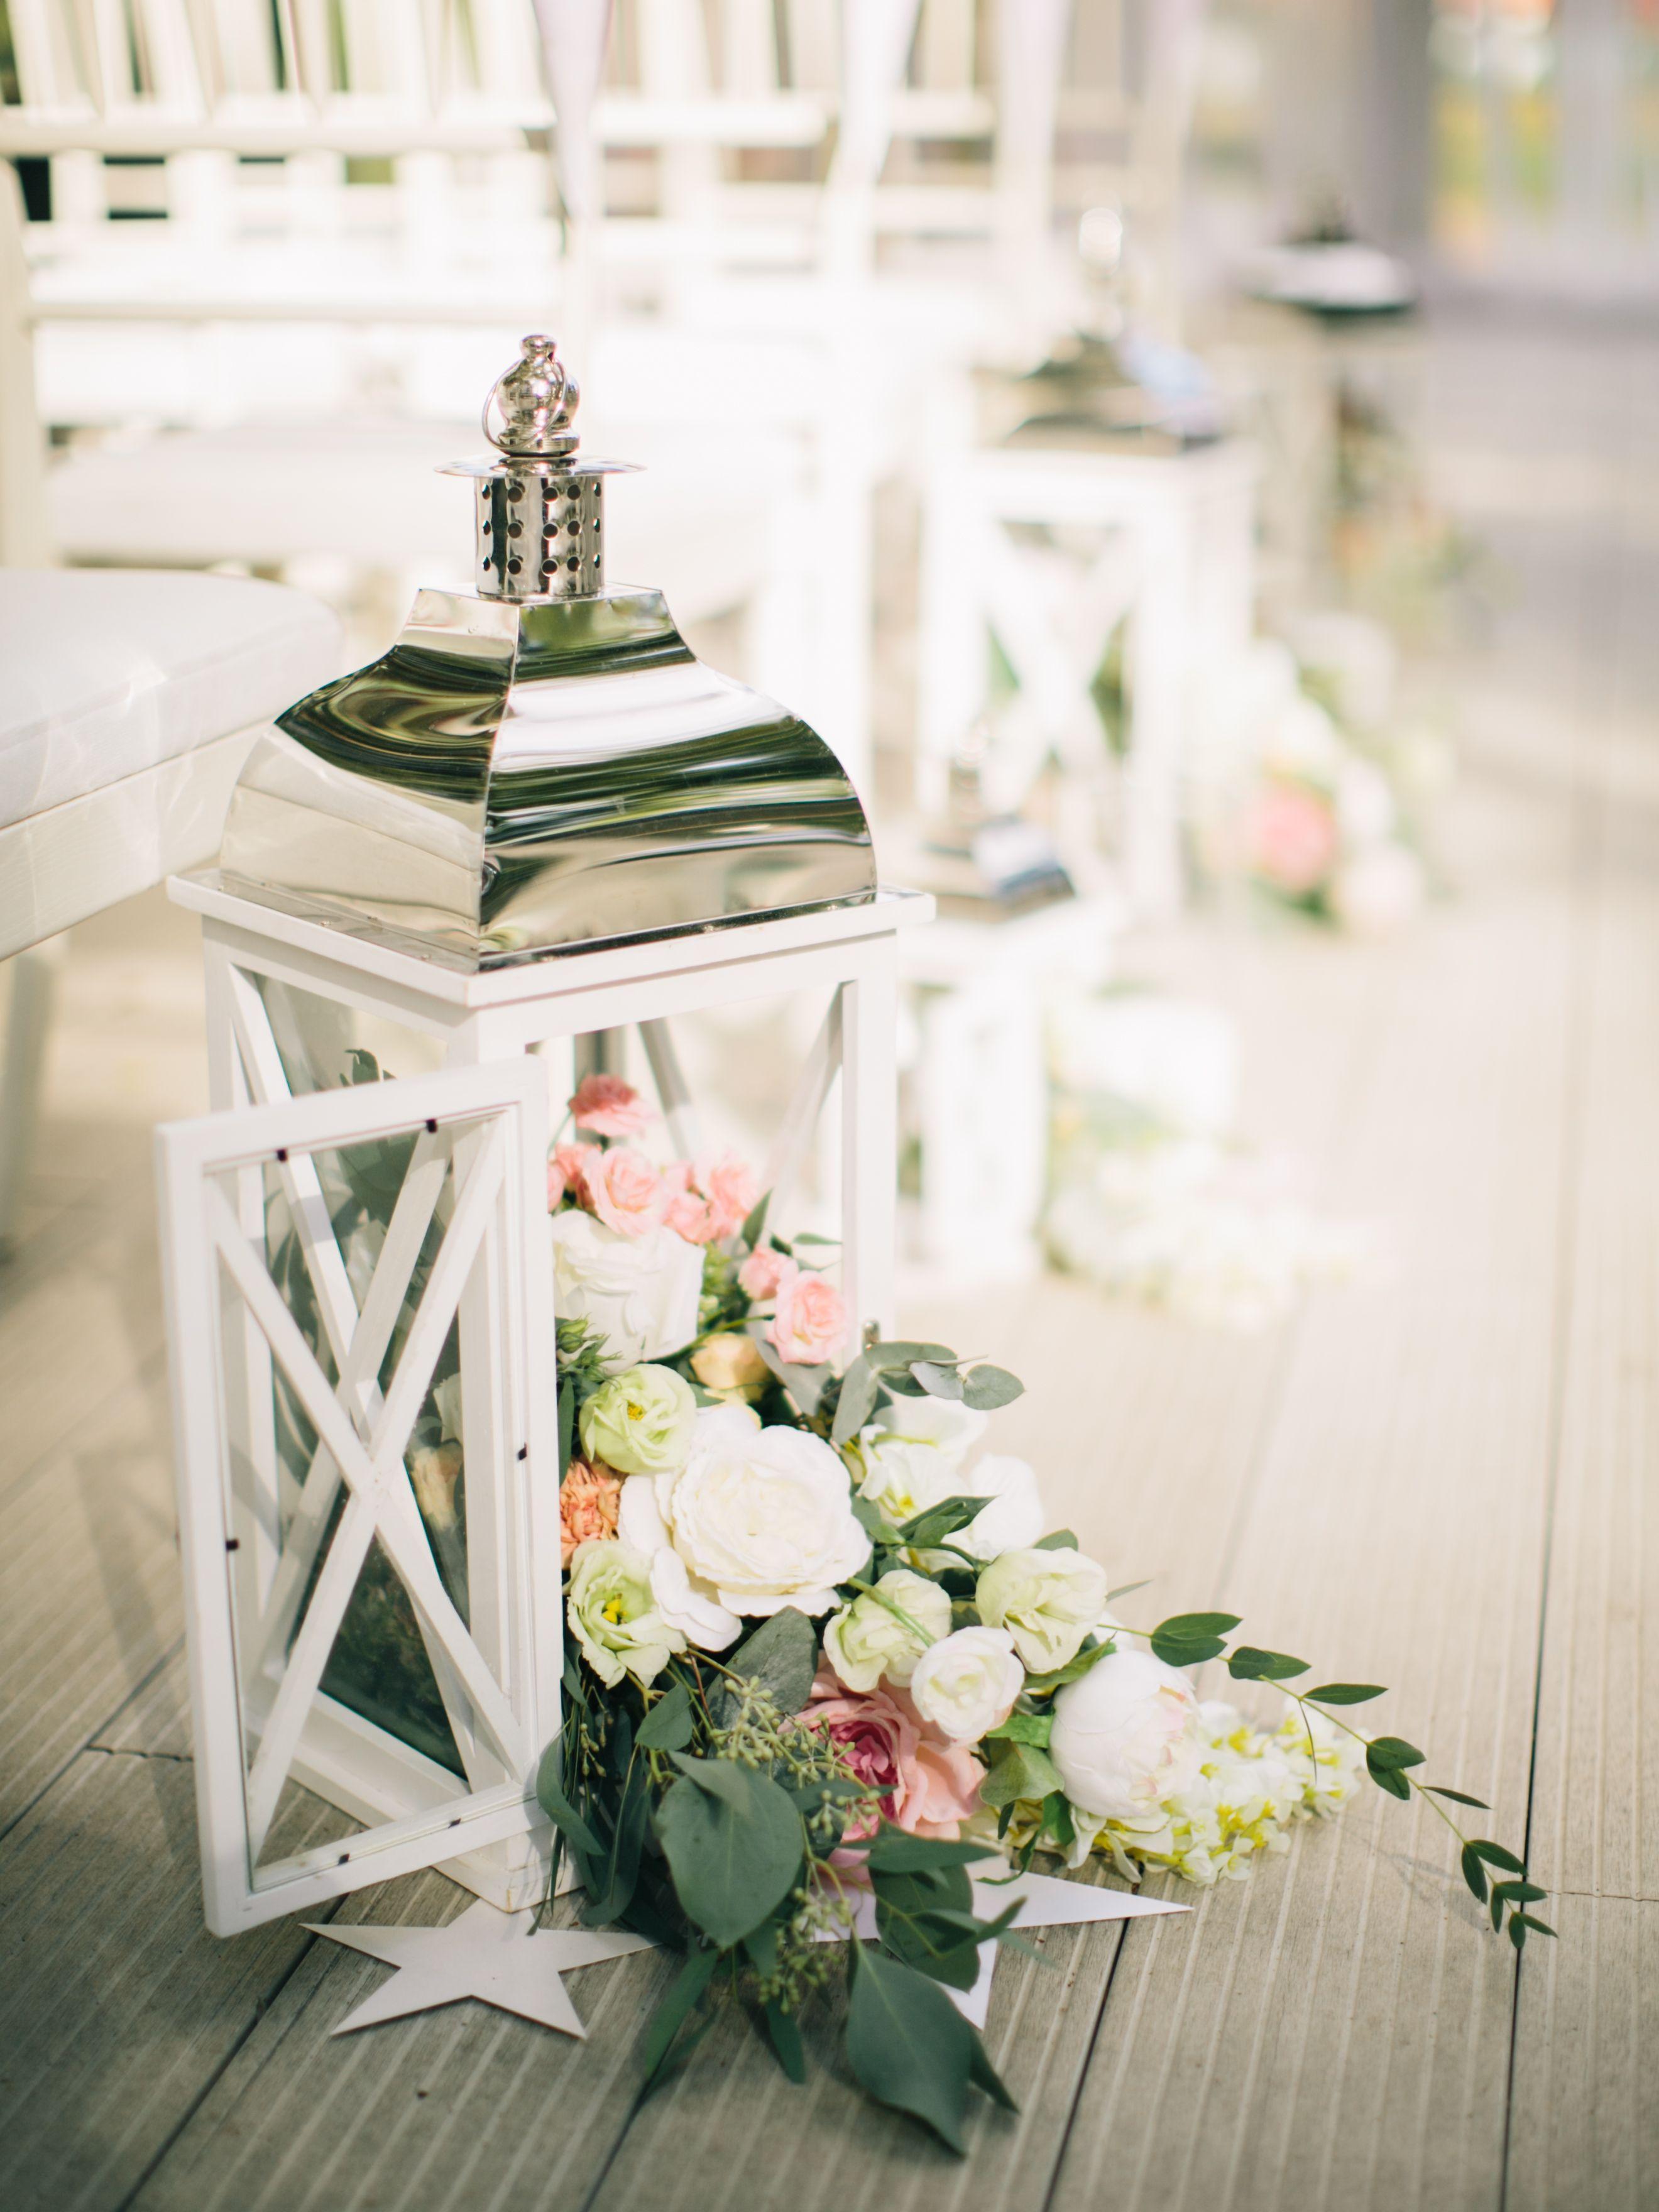 wedding, ceremony, wedding decor, wedding photo, свадьба, оформление свадьбы, церемония